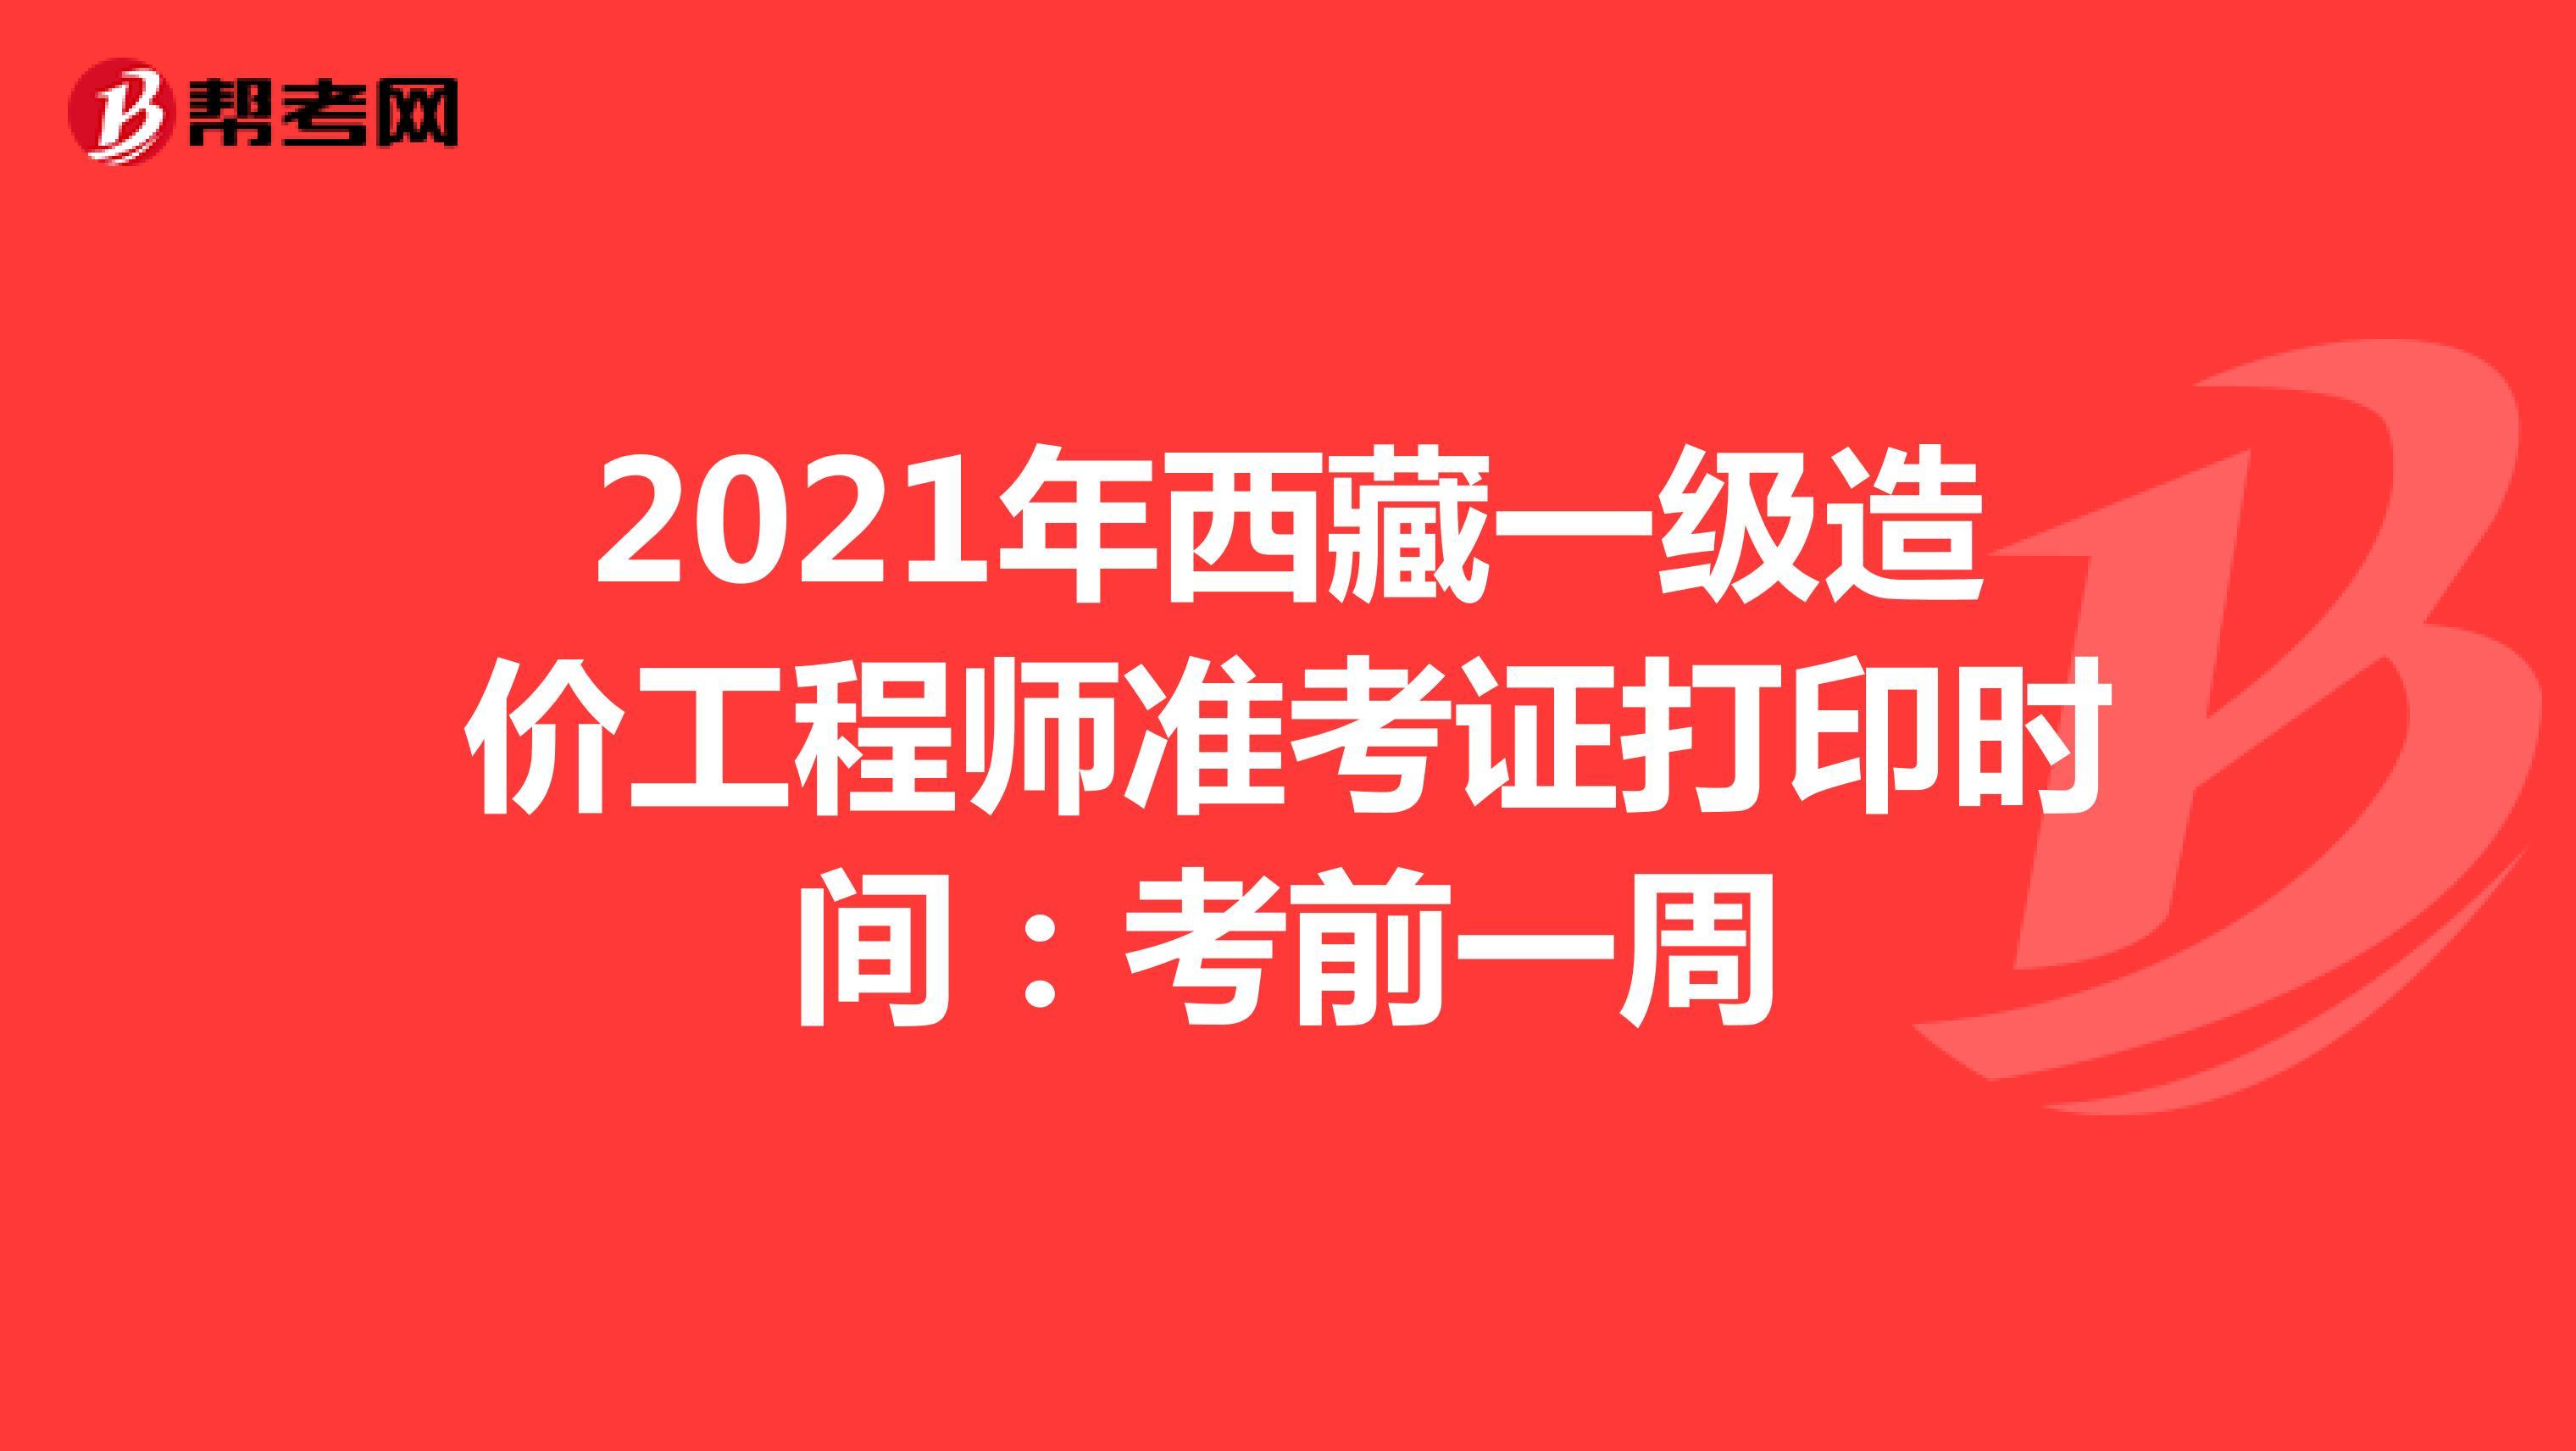 2021年西藏一级造价工程师准考证打印时间:考前一周